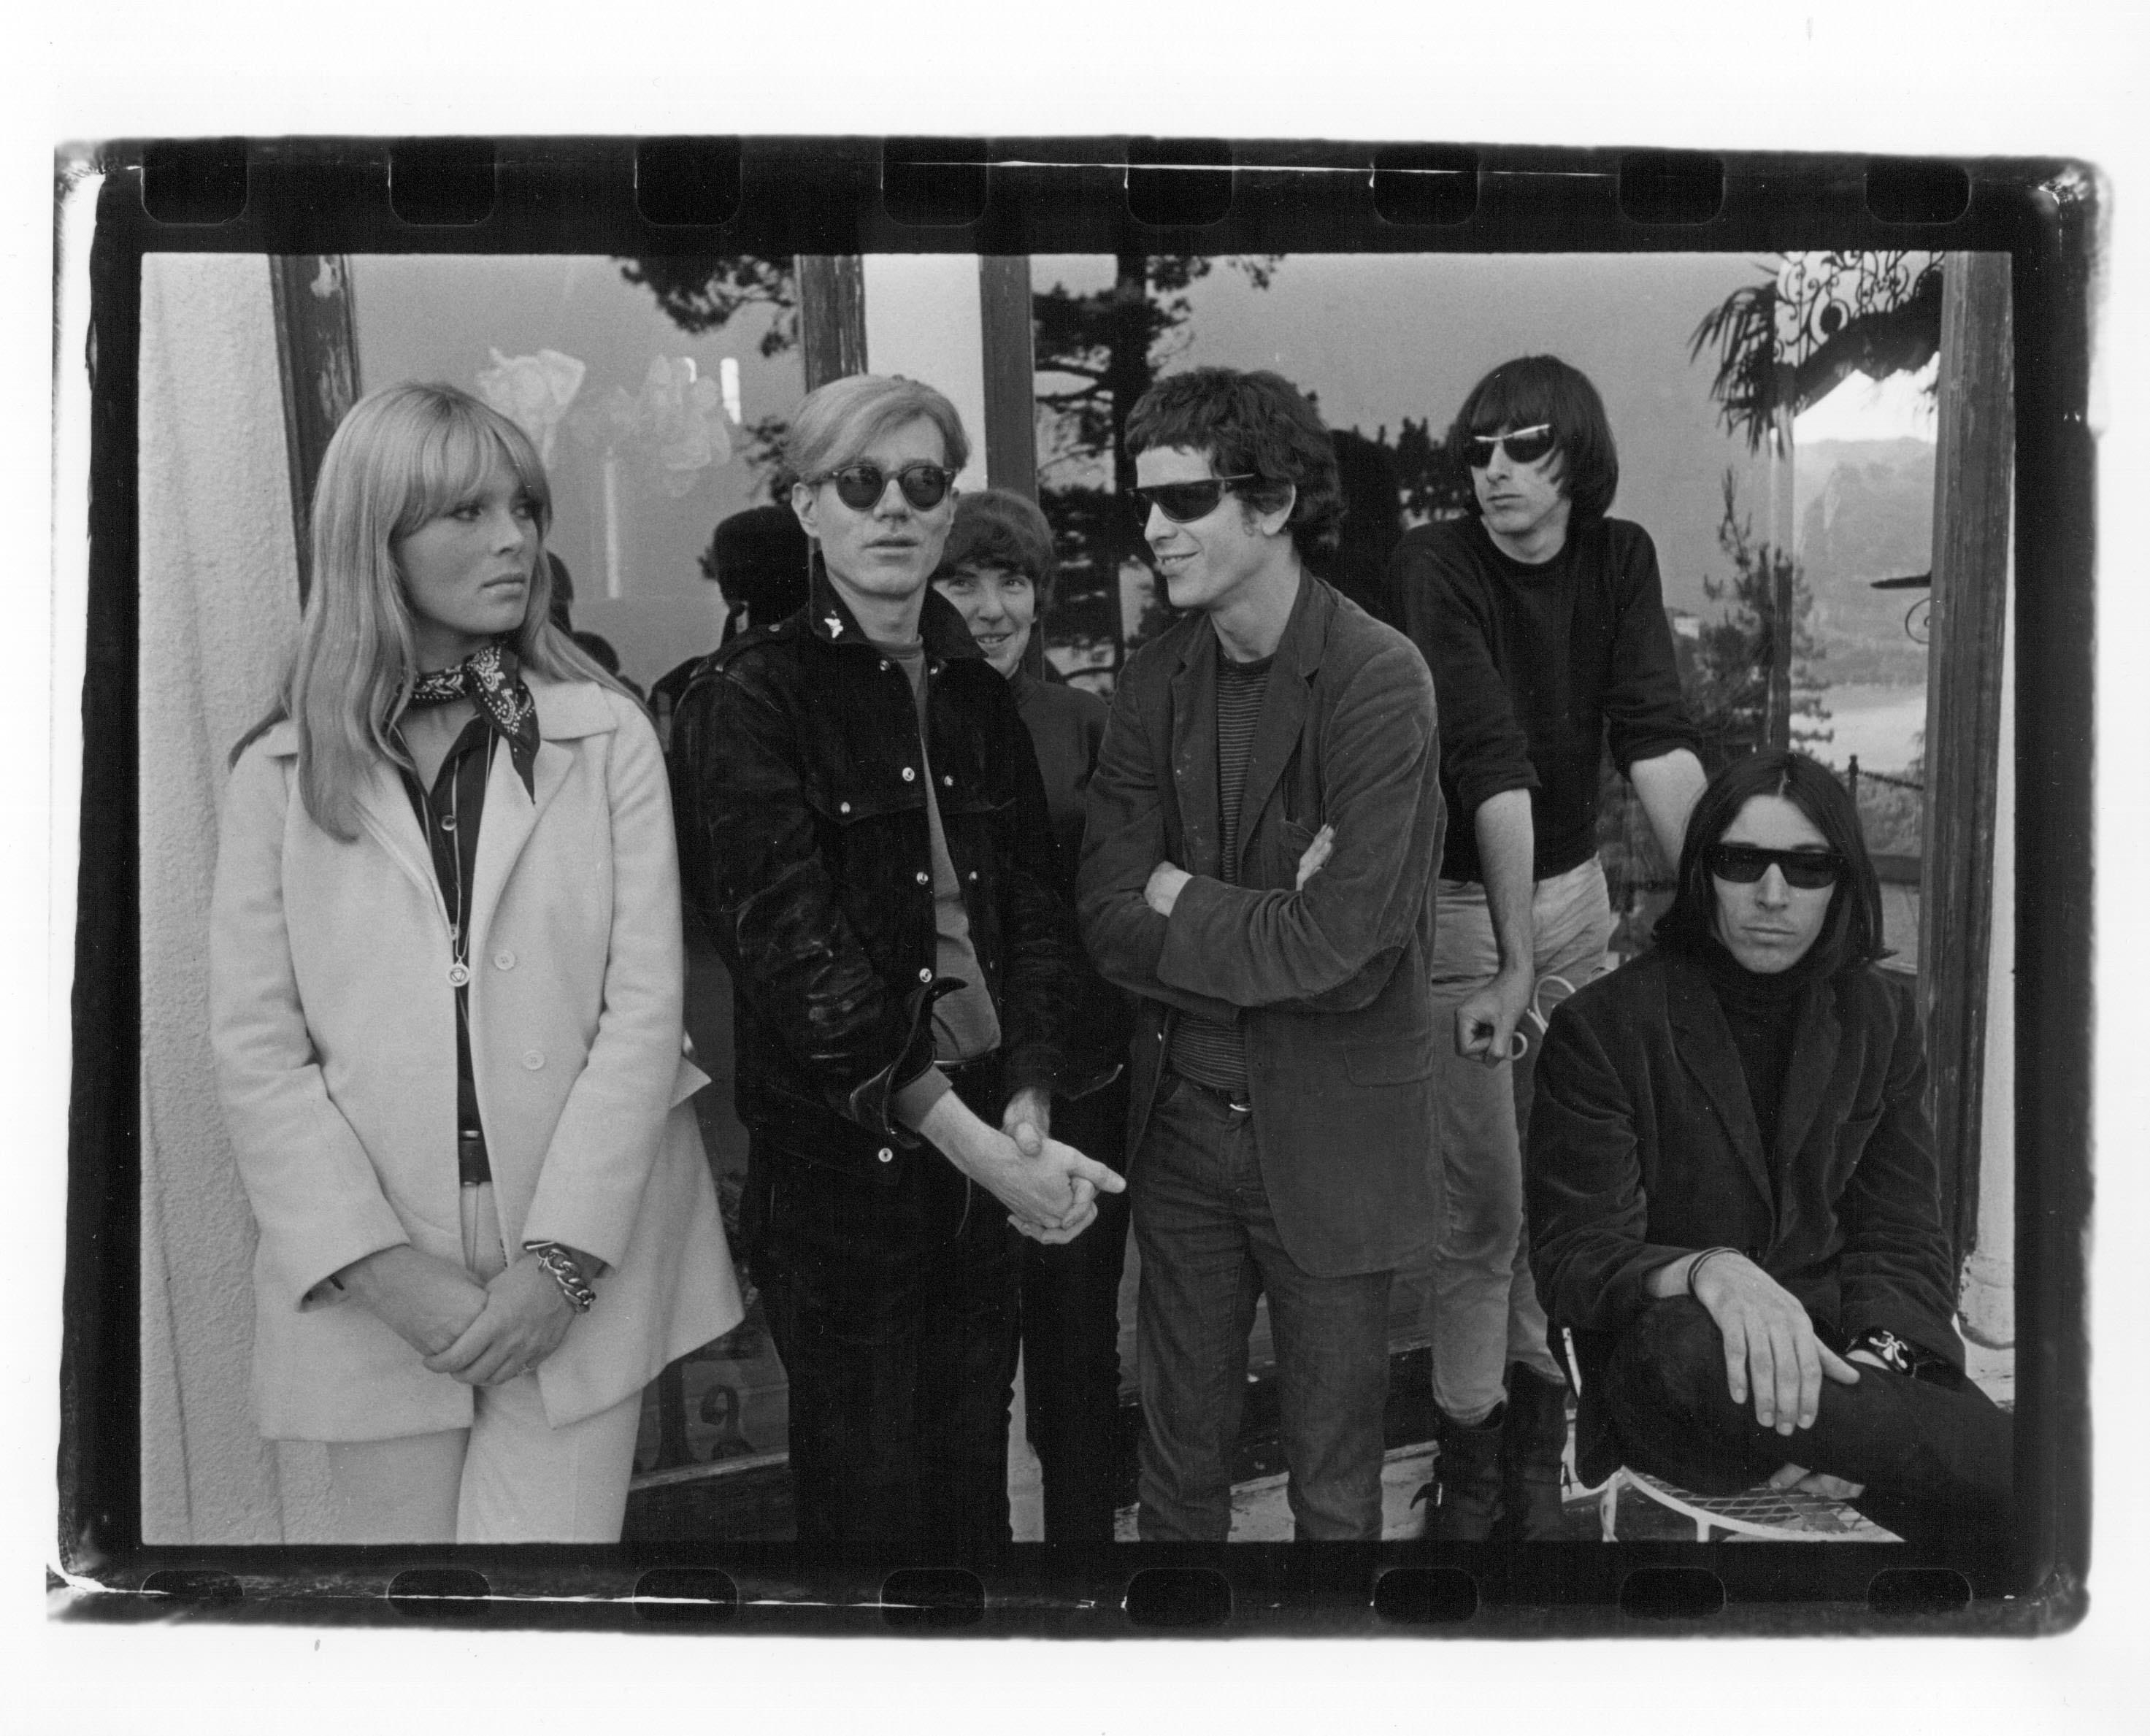 """Gerard Malanga, le Velvet Underground et Nico avec Andy Warhol, Hollywood Hills, 1966.Courtesy Galerie Caroline Smulders, Paris.  1.Elle fait sortir le Velvet de son statut underground Si l'influence du groupe formé par  Reed et John Cale au milieu des années 60 reste immense sur de nombreux courants comme le punk, la pop indé, le glam-rock et la new wave, leur nom reste moins culte que celui des Beatles ou des Stones. À l'époque, ils ont essuyé plusieurs échecs commerciaux, et n'ont connu le succès qu'après leur séparation. À l'occasion du 50e anniversaire de l'""""album à la banane"""" (enregistré en 1966 et sorti en 1967), cette exposition rappelle combien les chansons art rock-protopunk-expérimentales-psychédéliques du groupe étaient puissantes et majeures, grâce aux vidéos et au son intemporel diffusé tout au long du parcours."""